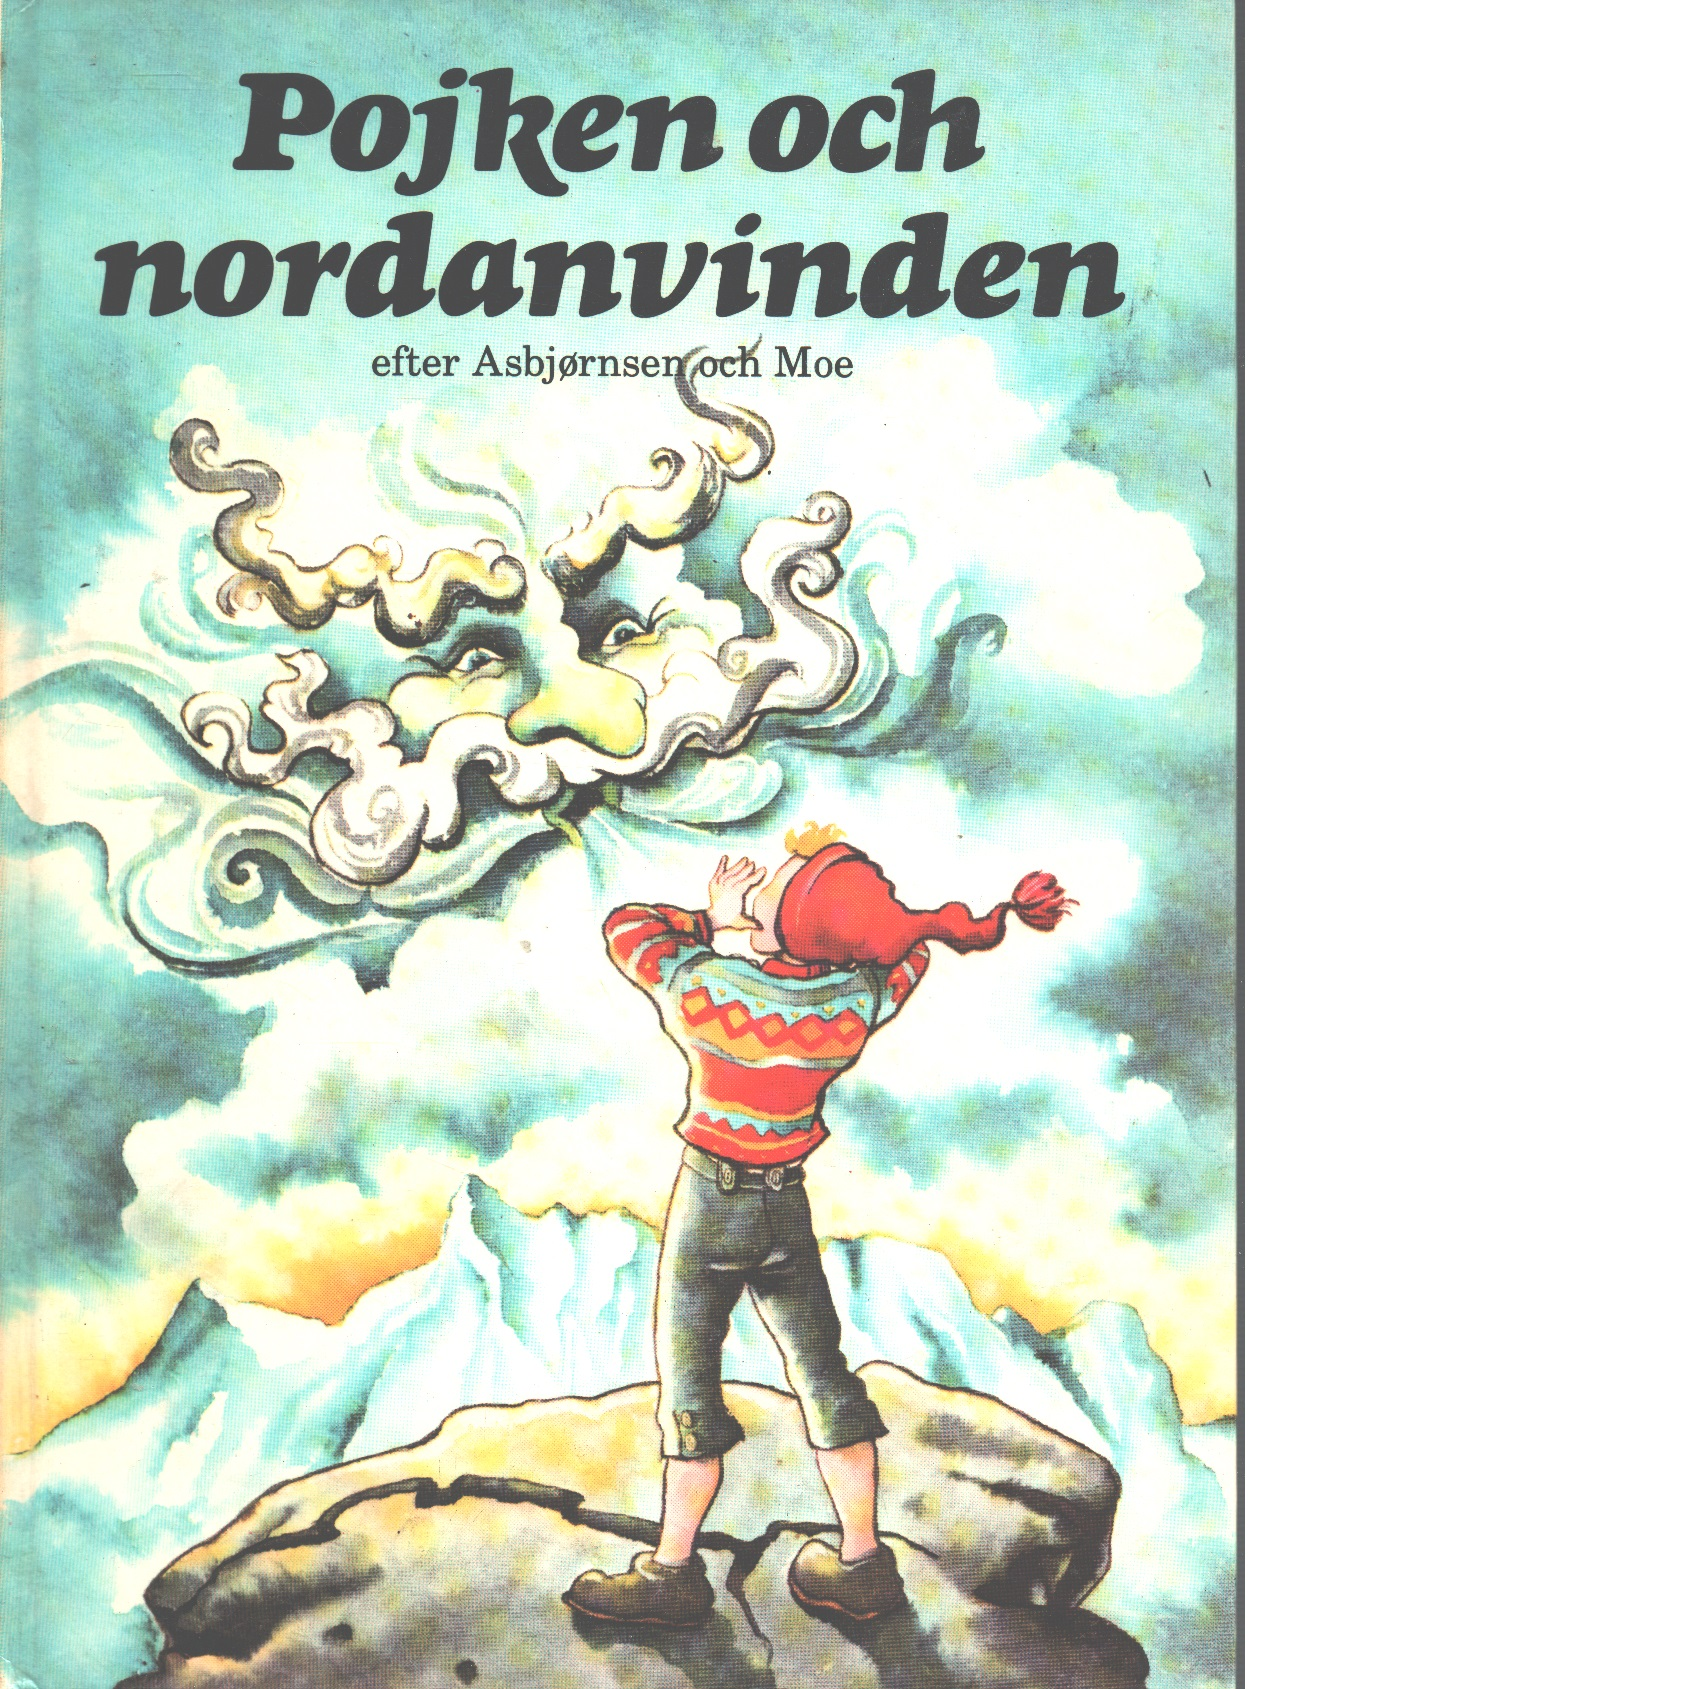 Pojken och nordanvinden - Asbjørnsen, Peter Christen, och Moe, Jørgen